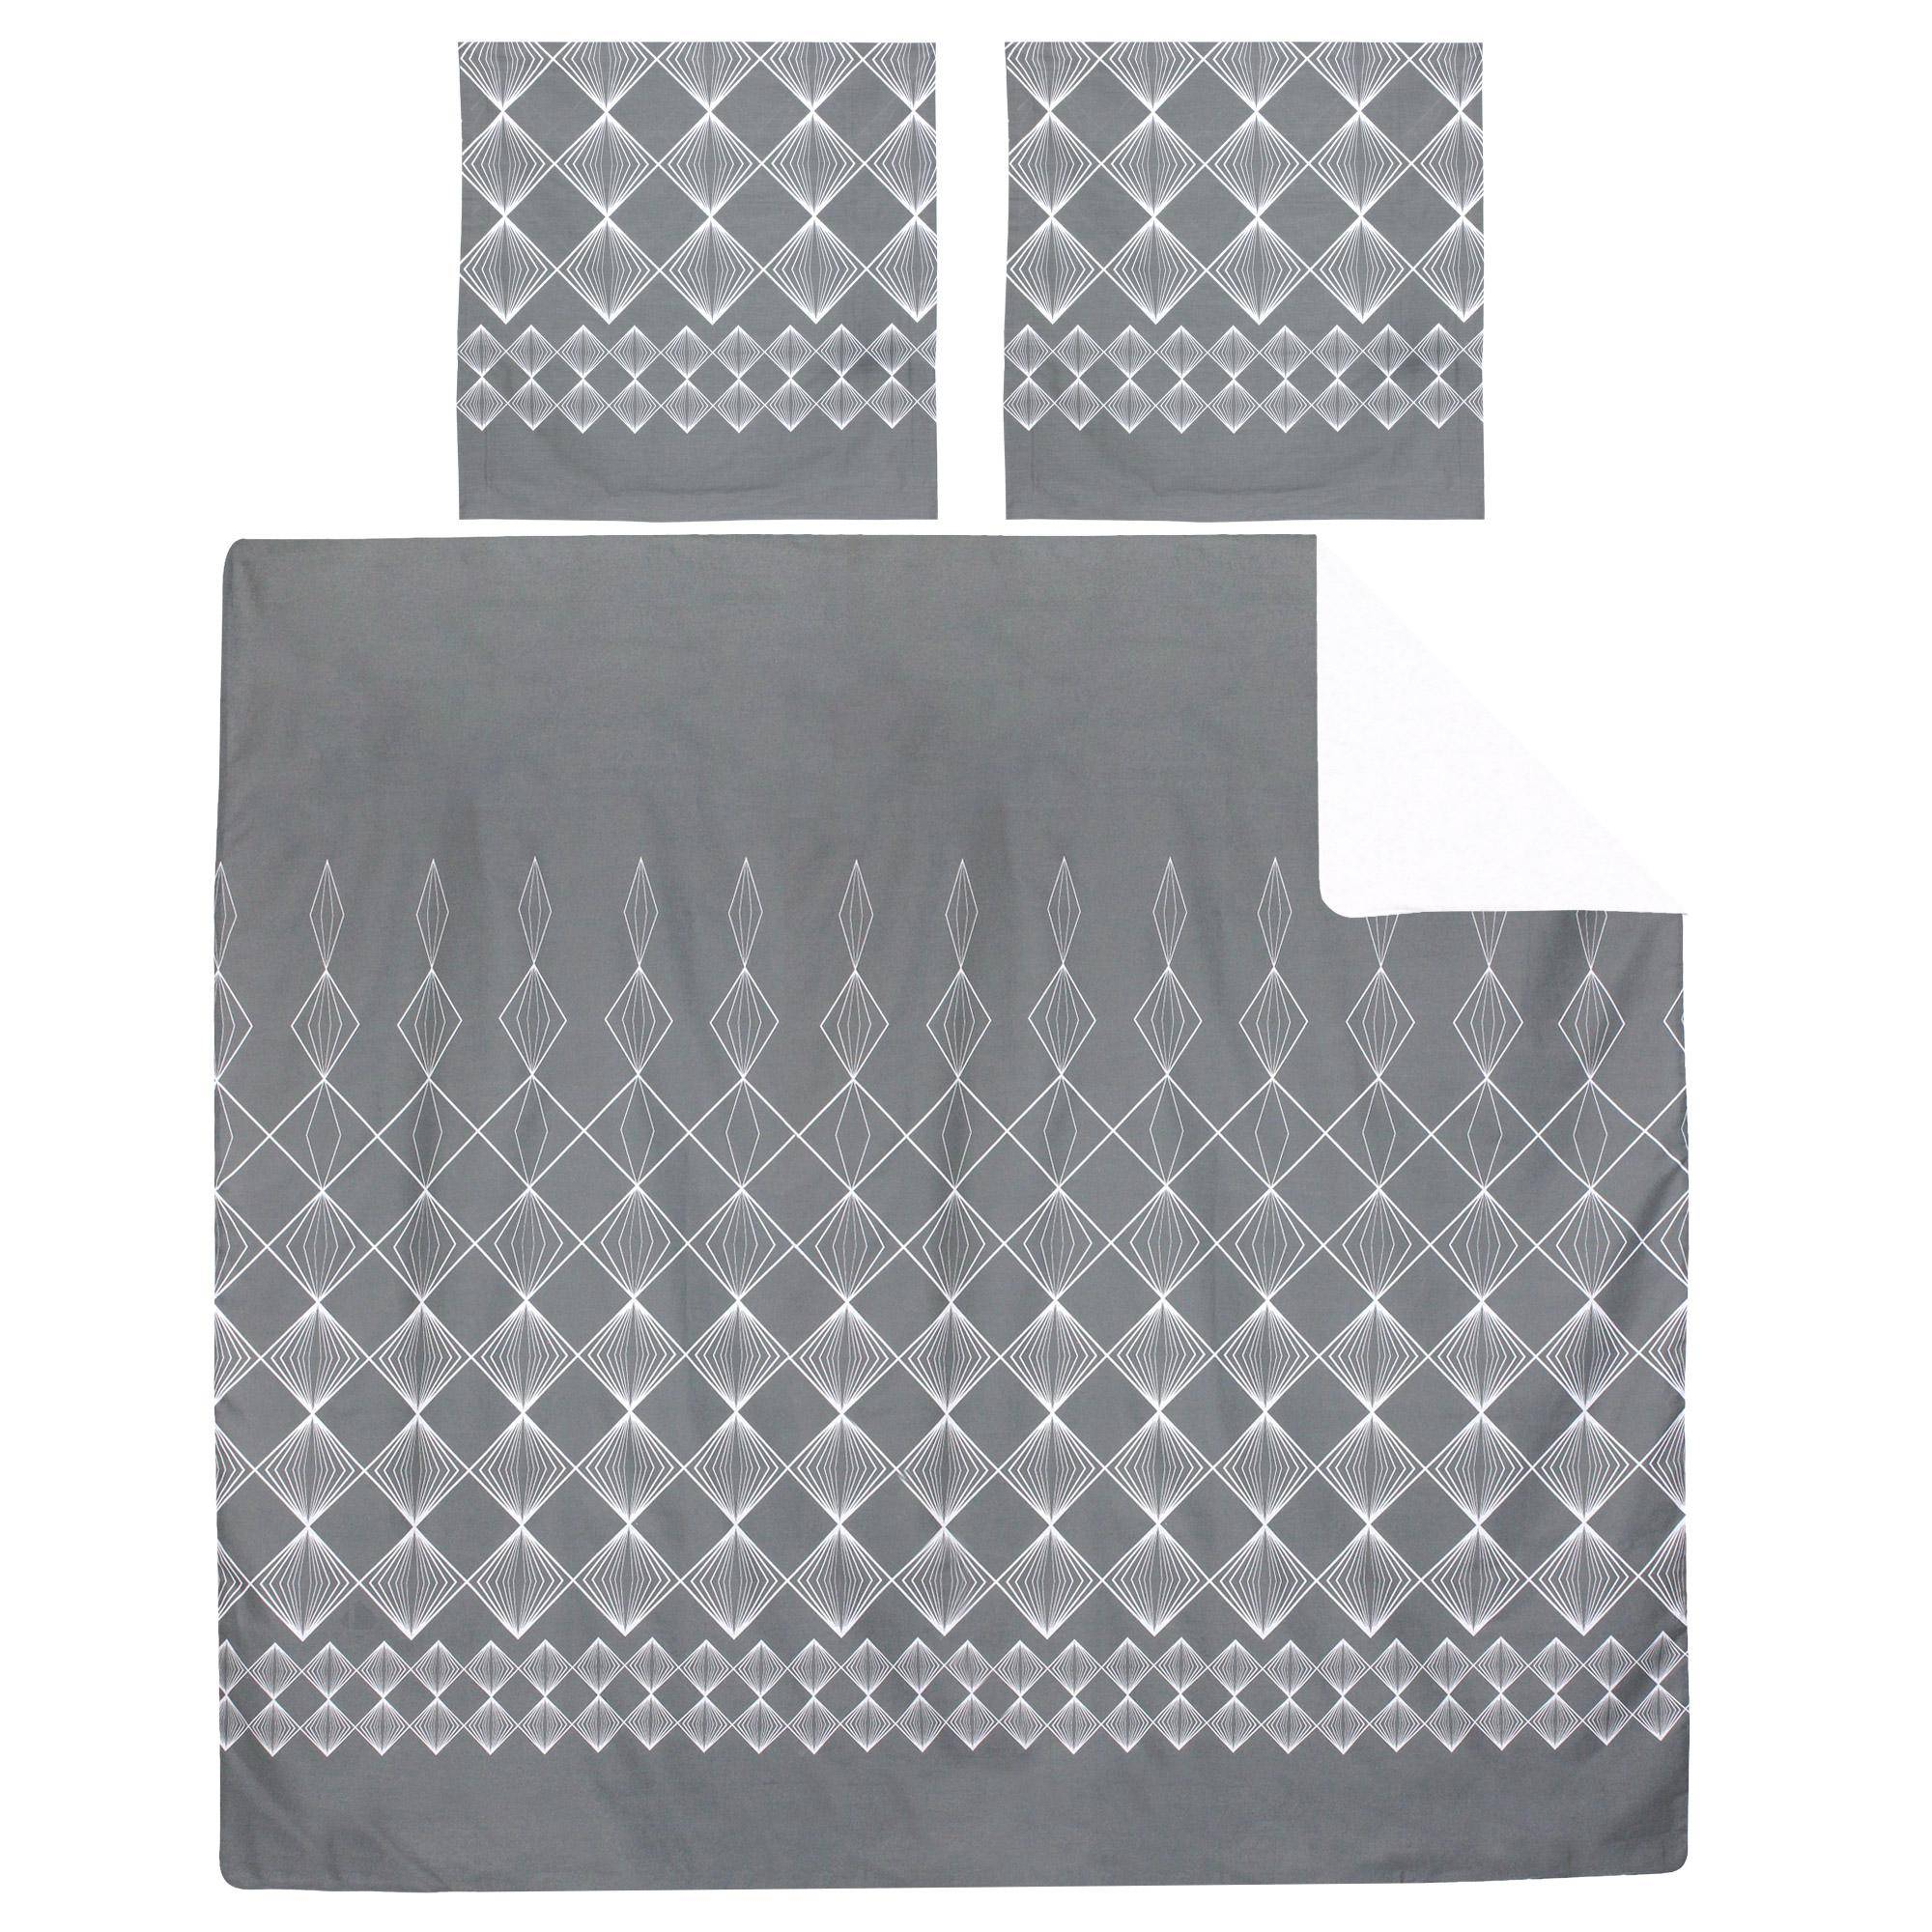 Linnea Parure de lit 280x240 cm 100% coton FOREVER GRIS gris foncé 3 pièces